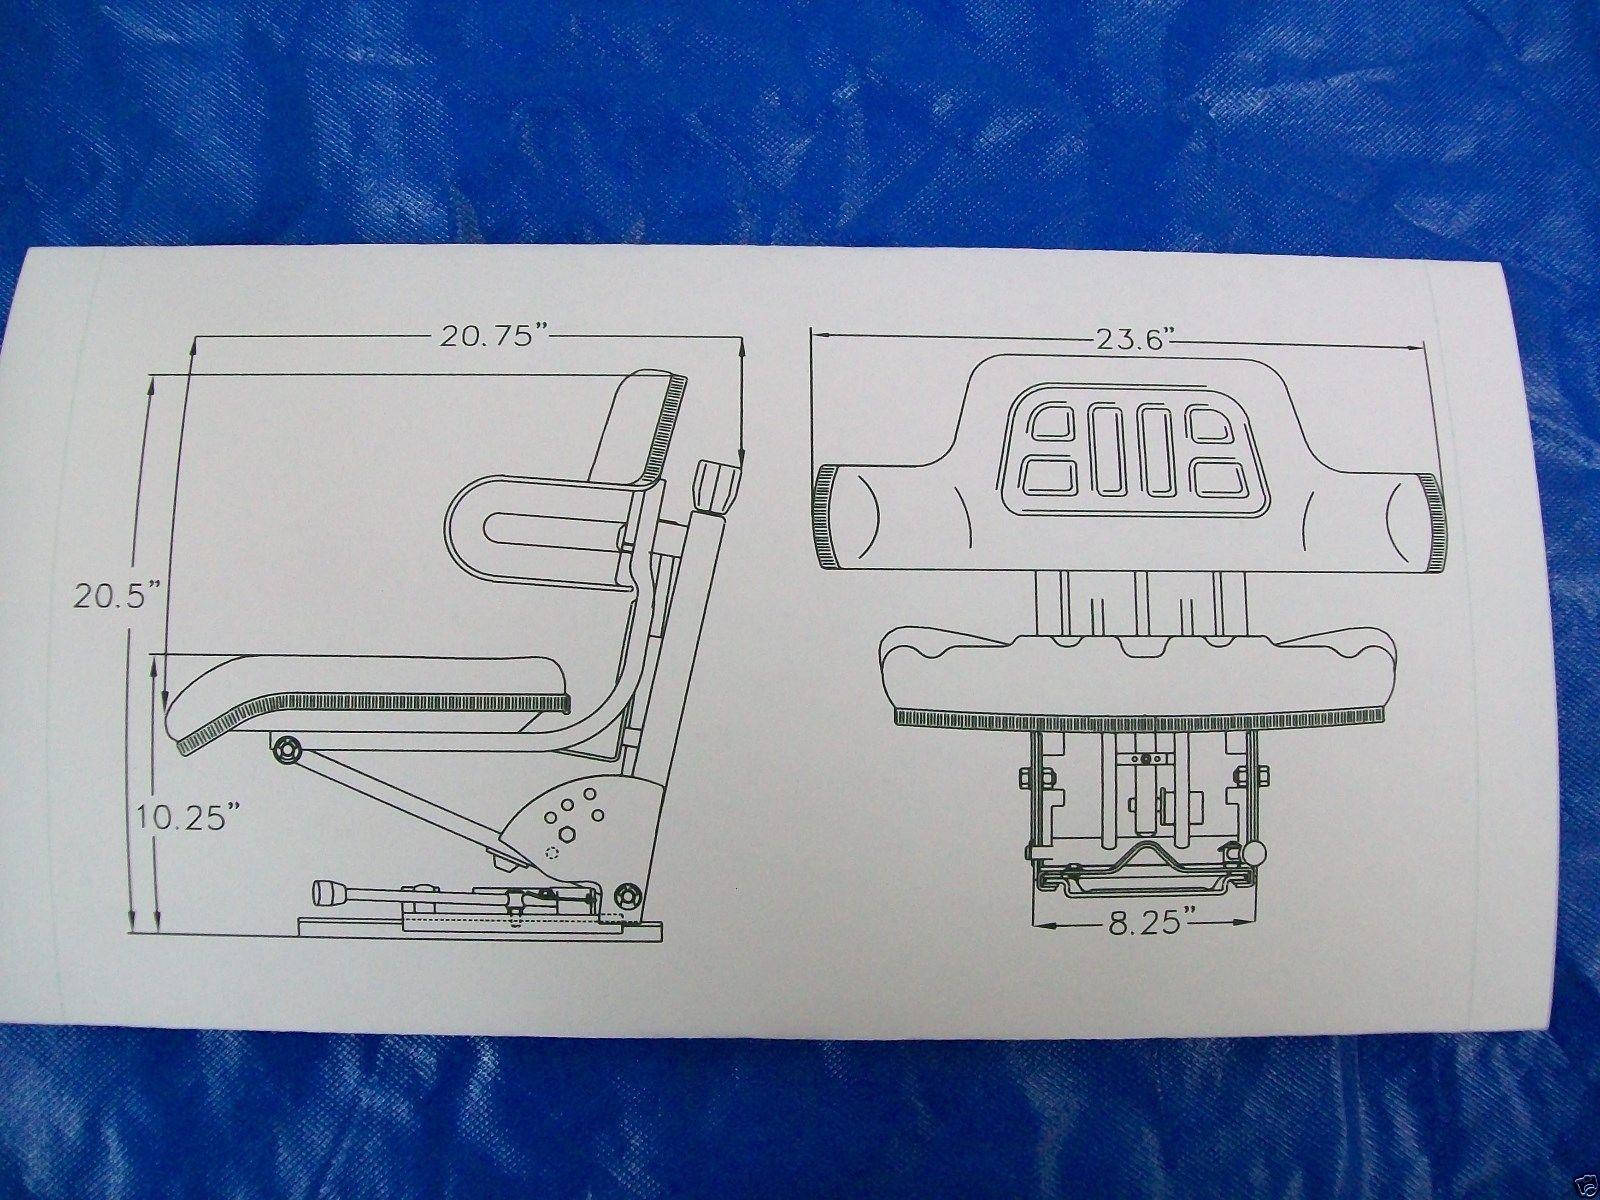 OS_1910] Massey Ferguson 1020 Wiring Diagram Download DiagramStaix Bocep Mohammedshrine Librar Wiring 101